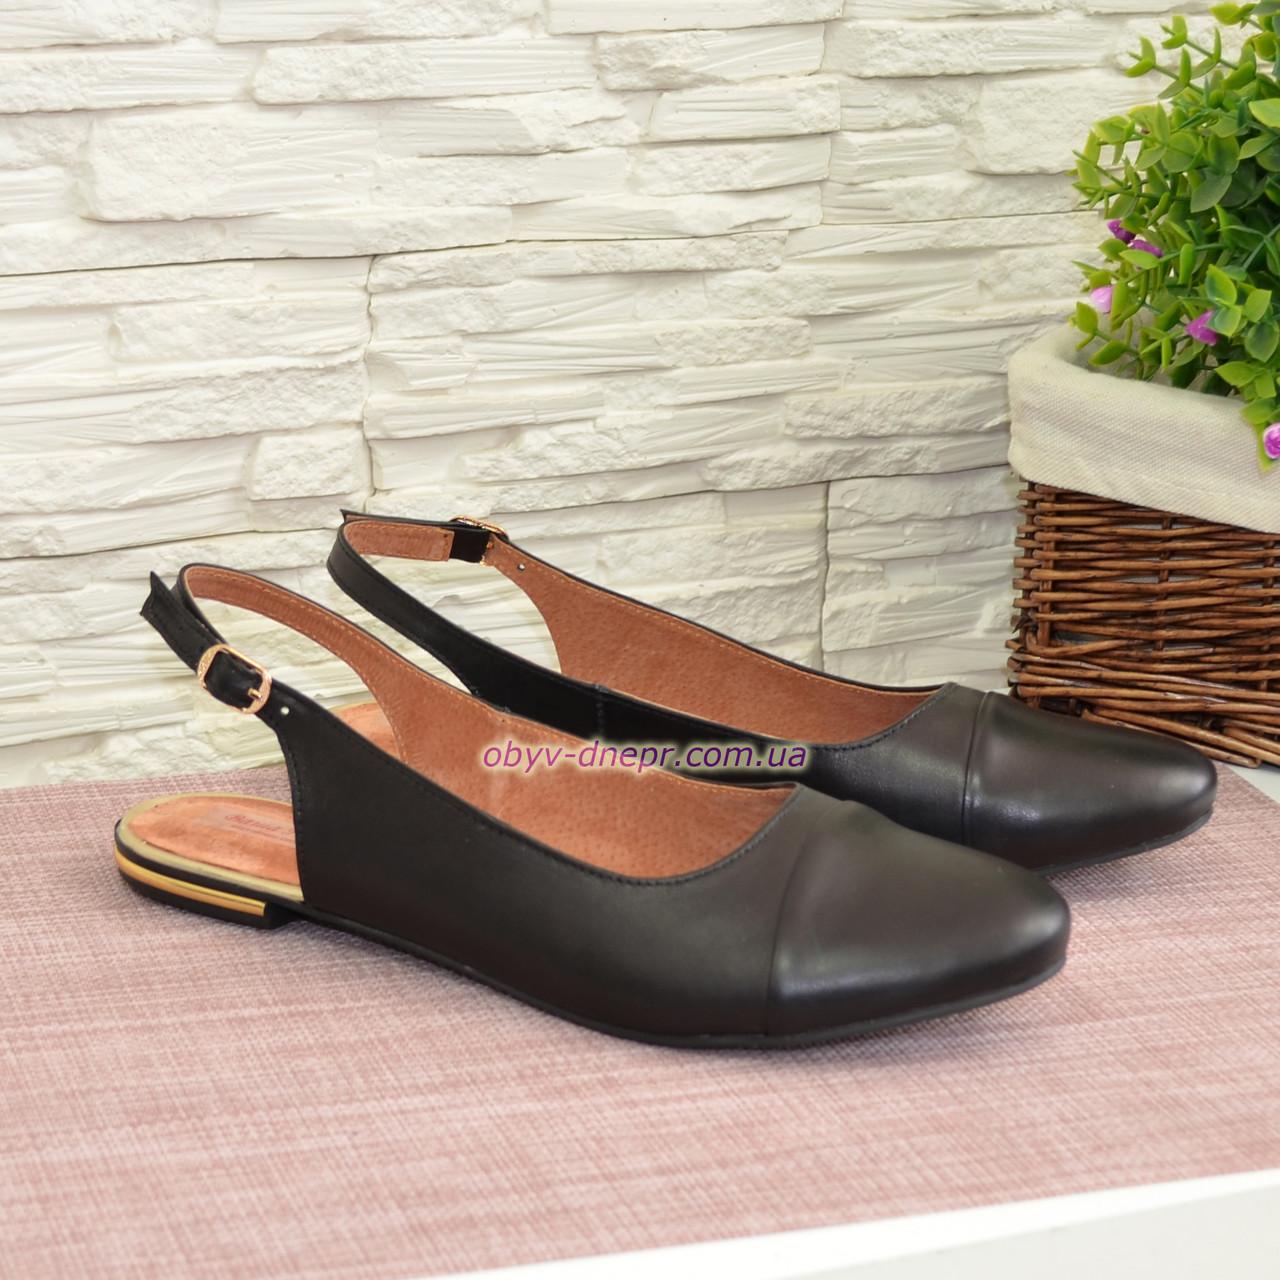 Женские кожаные босоножки с закрытым носком и открытой пяткой, цвет черный